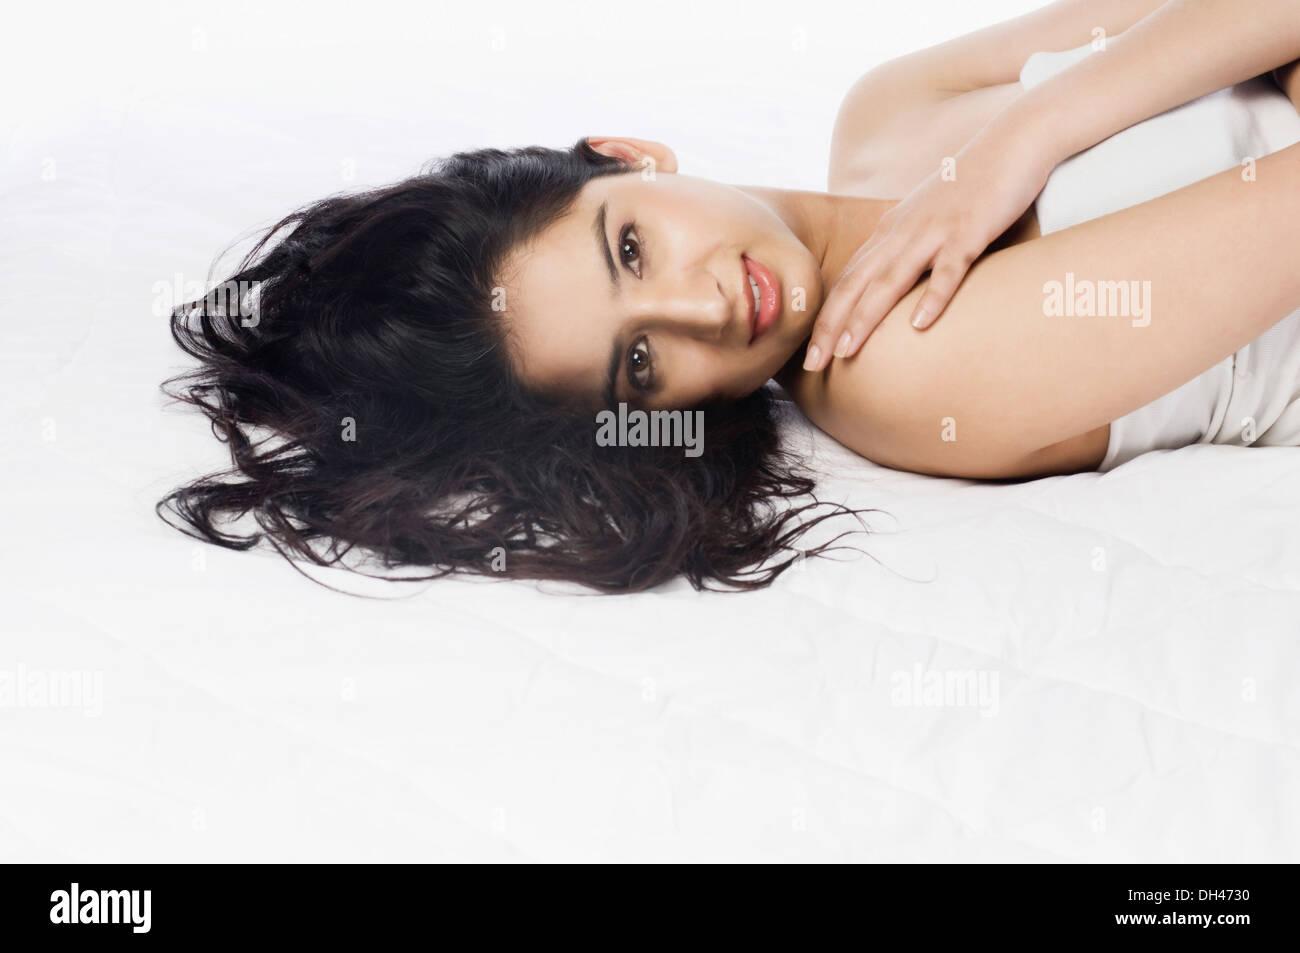 Frau auf dem Bett liegend Stockfoto